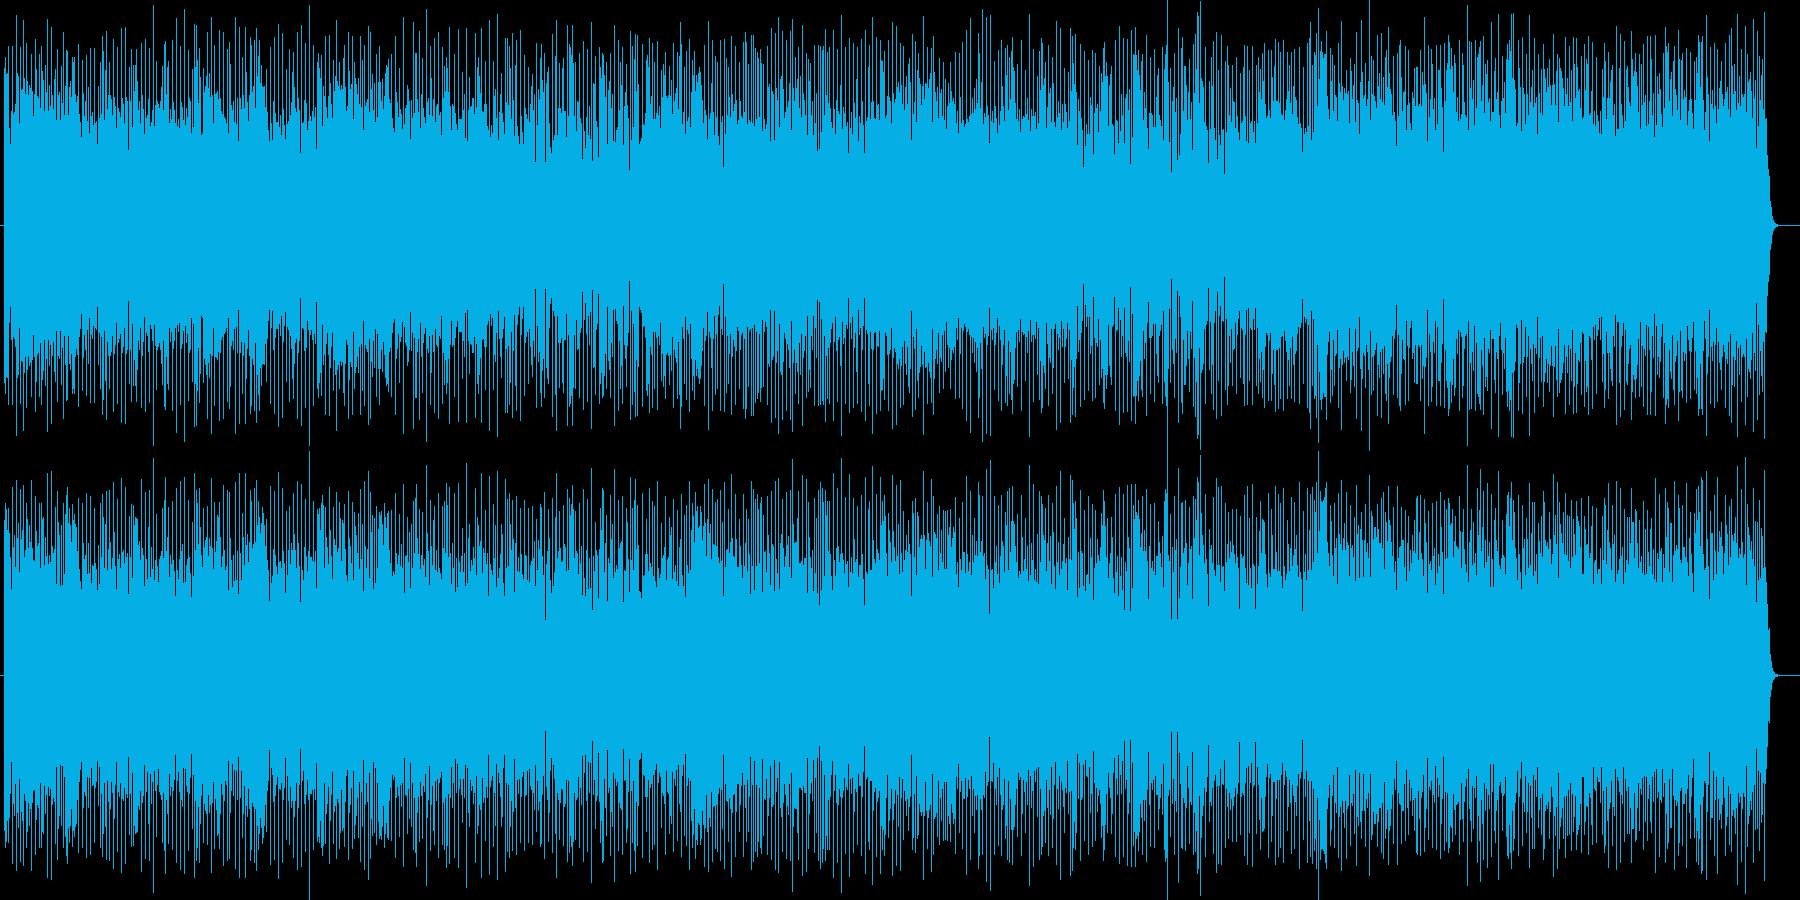 グルーブ感のある明るいハウスの曲の再生済みの波形